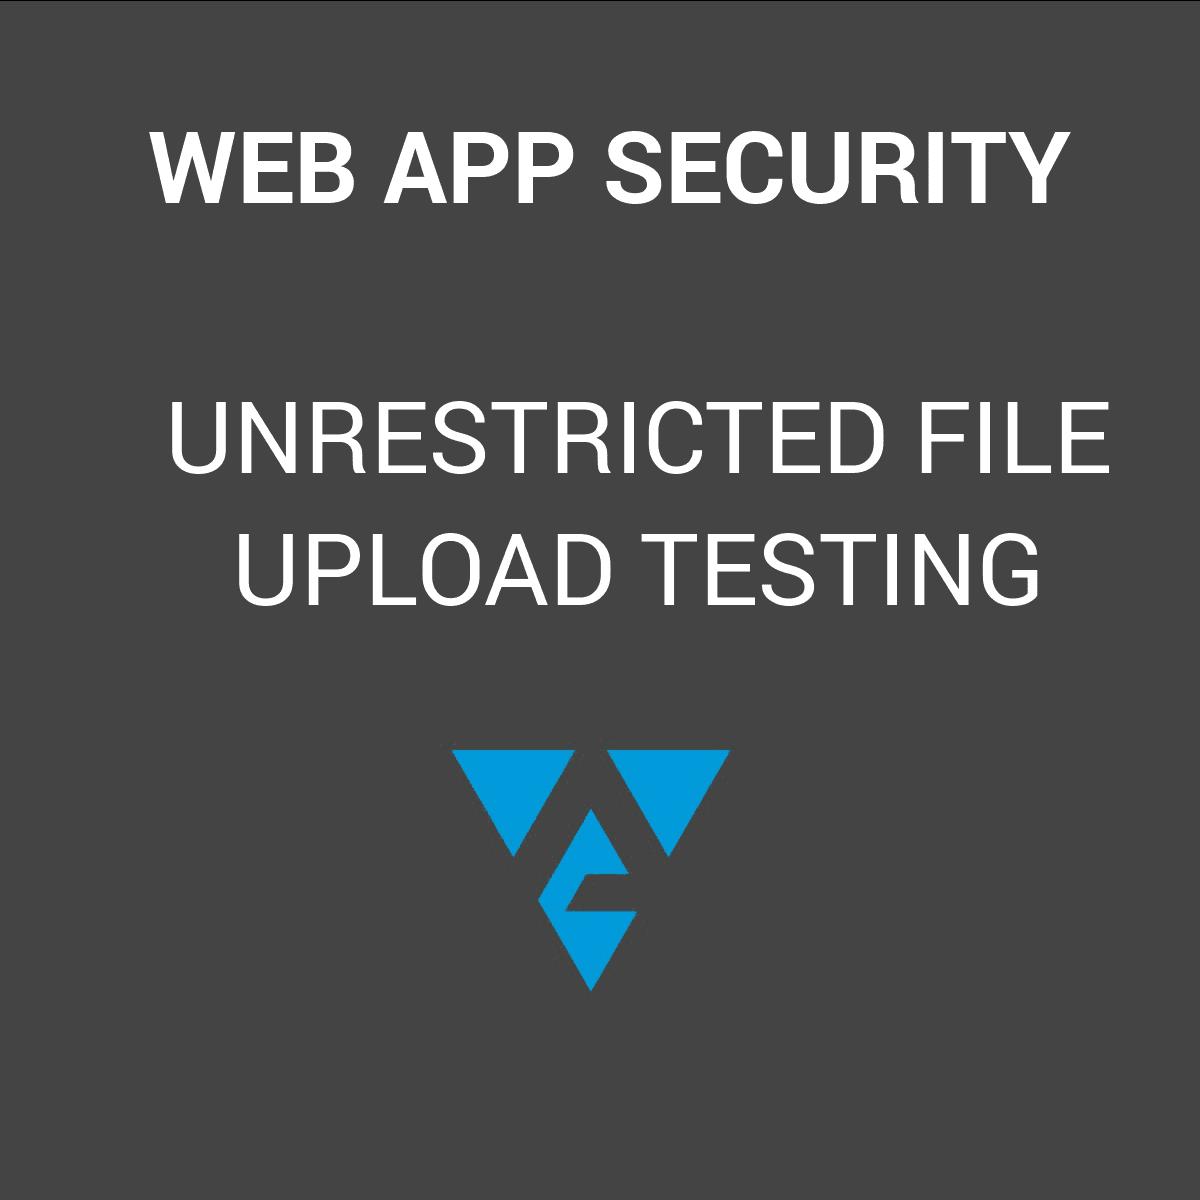 Unrestricted File Upload Testing